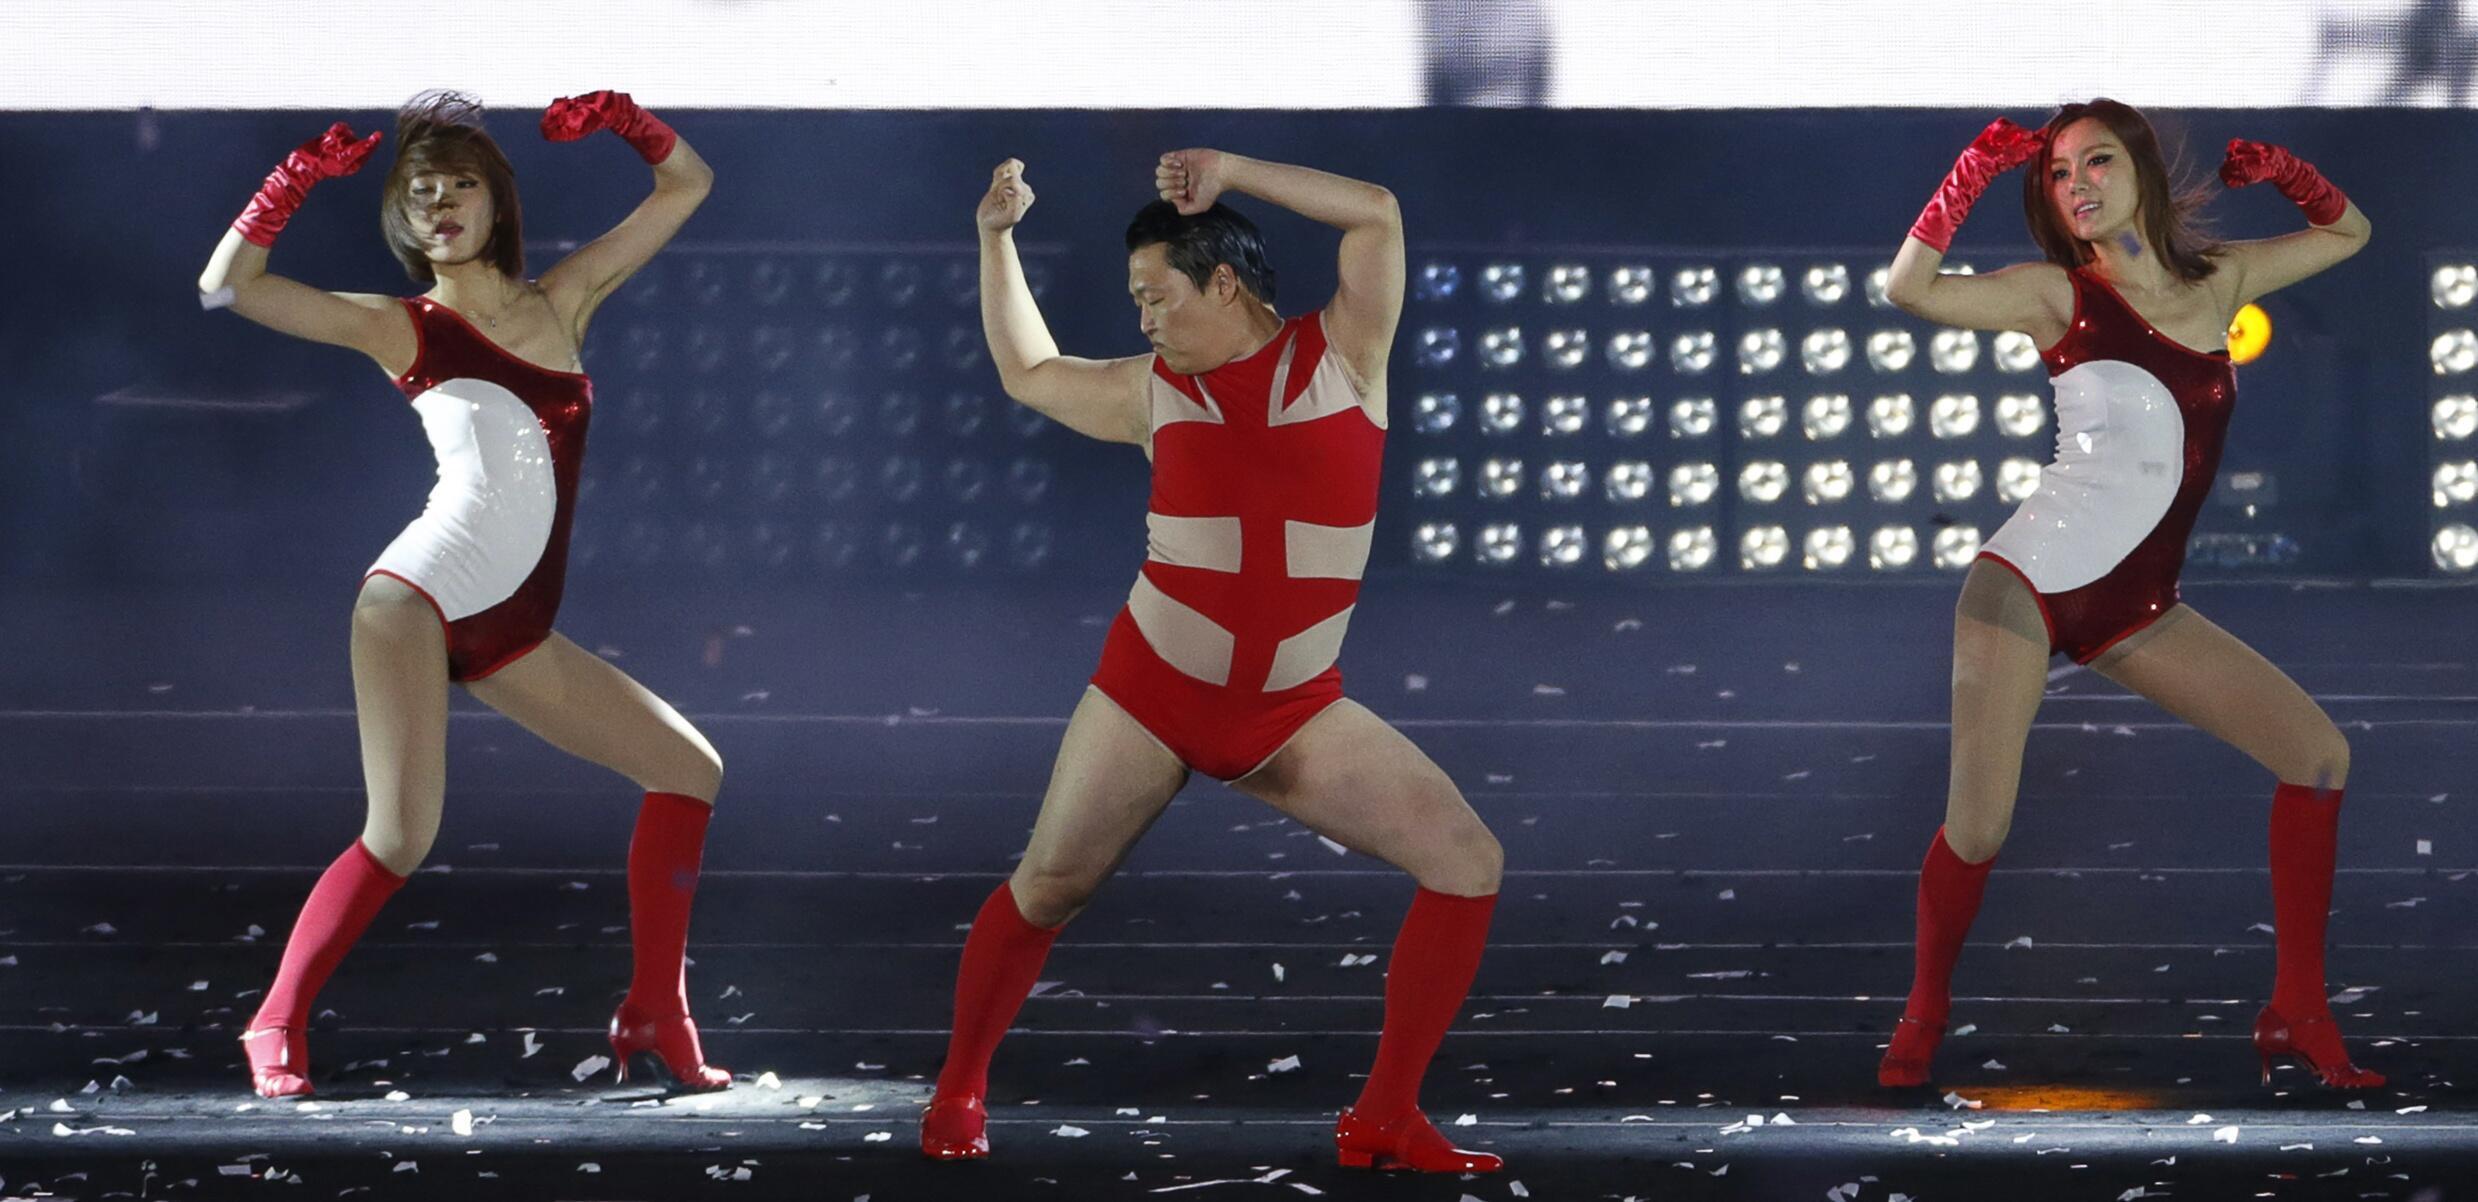 Ca sĩ Psy (phải) với điệu « Gentleman », 10 triệu người xem trang Youtube, chỉ 24 giờ sau khi được đưa lên mạng.